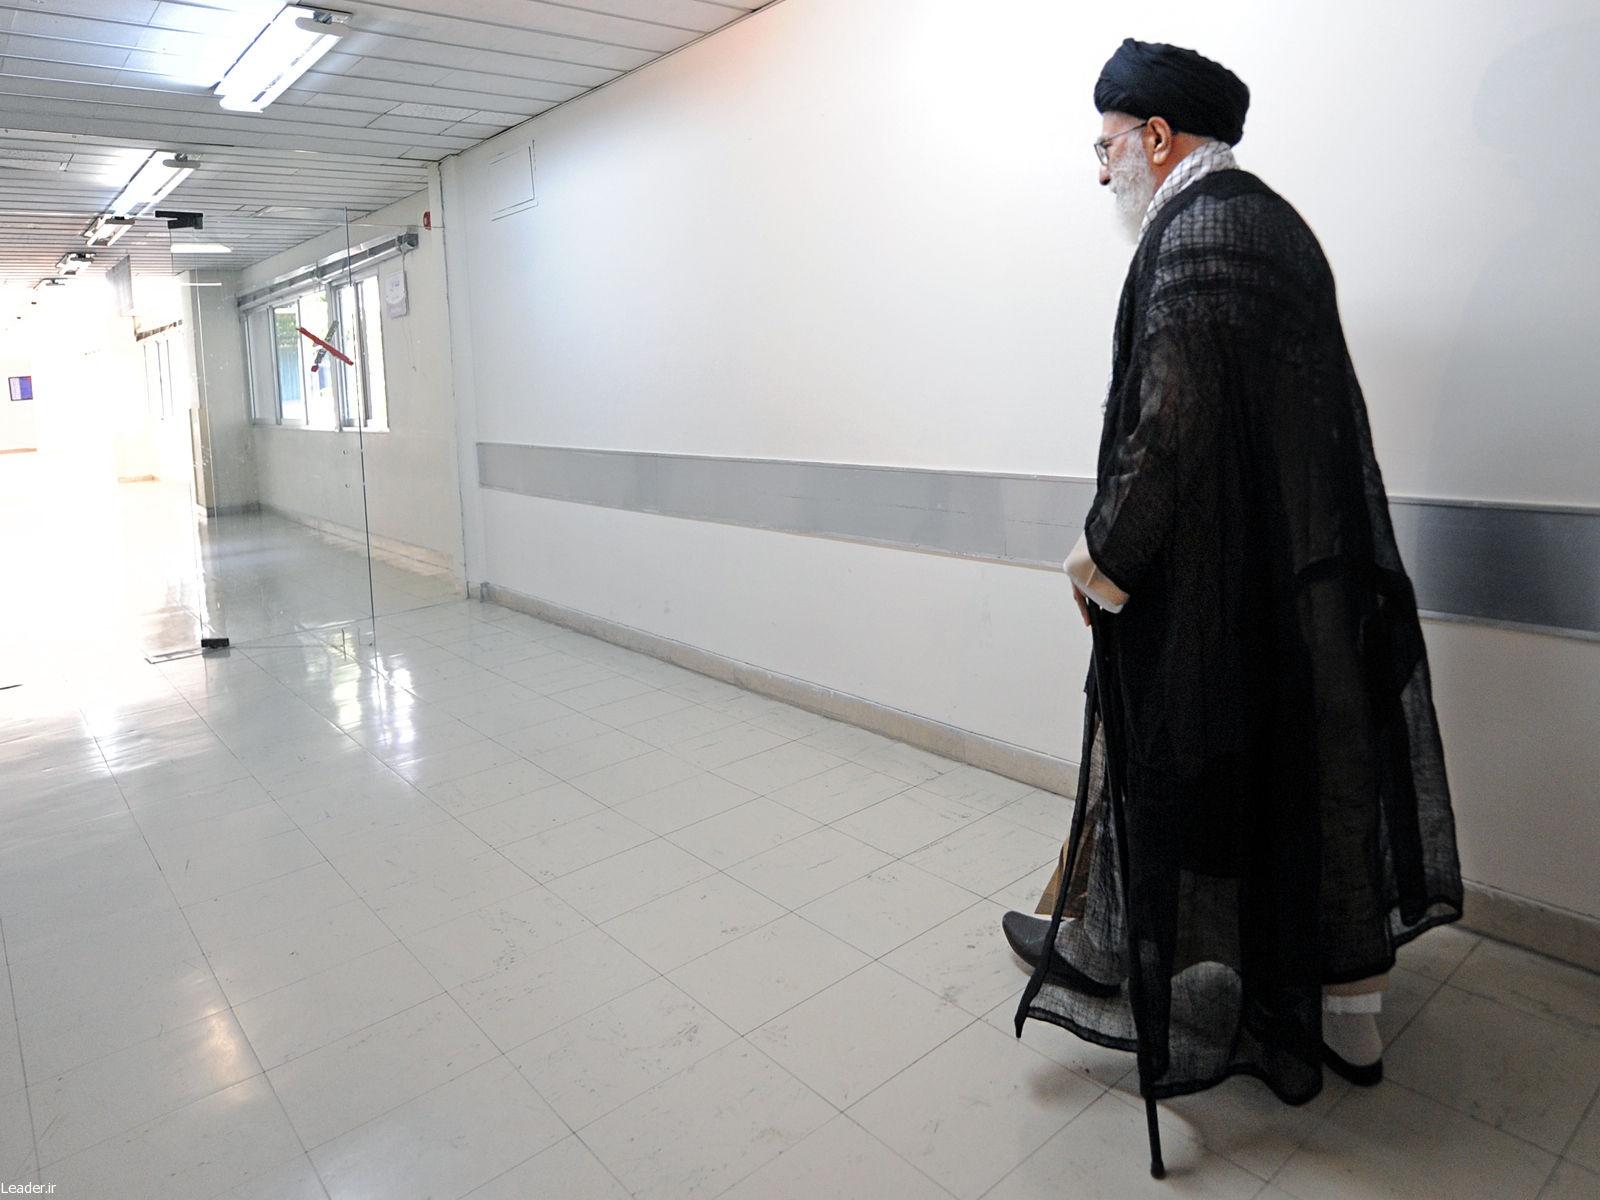 رهبر انقلاب پس از ترخیص از بیمارستان: تشکر از اظهار محبت اقشار مختلف مردم و ملتها؛ ائتلاف مبارزه با داعش پوچ است